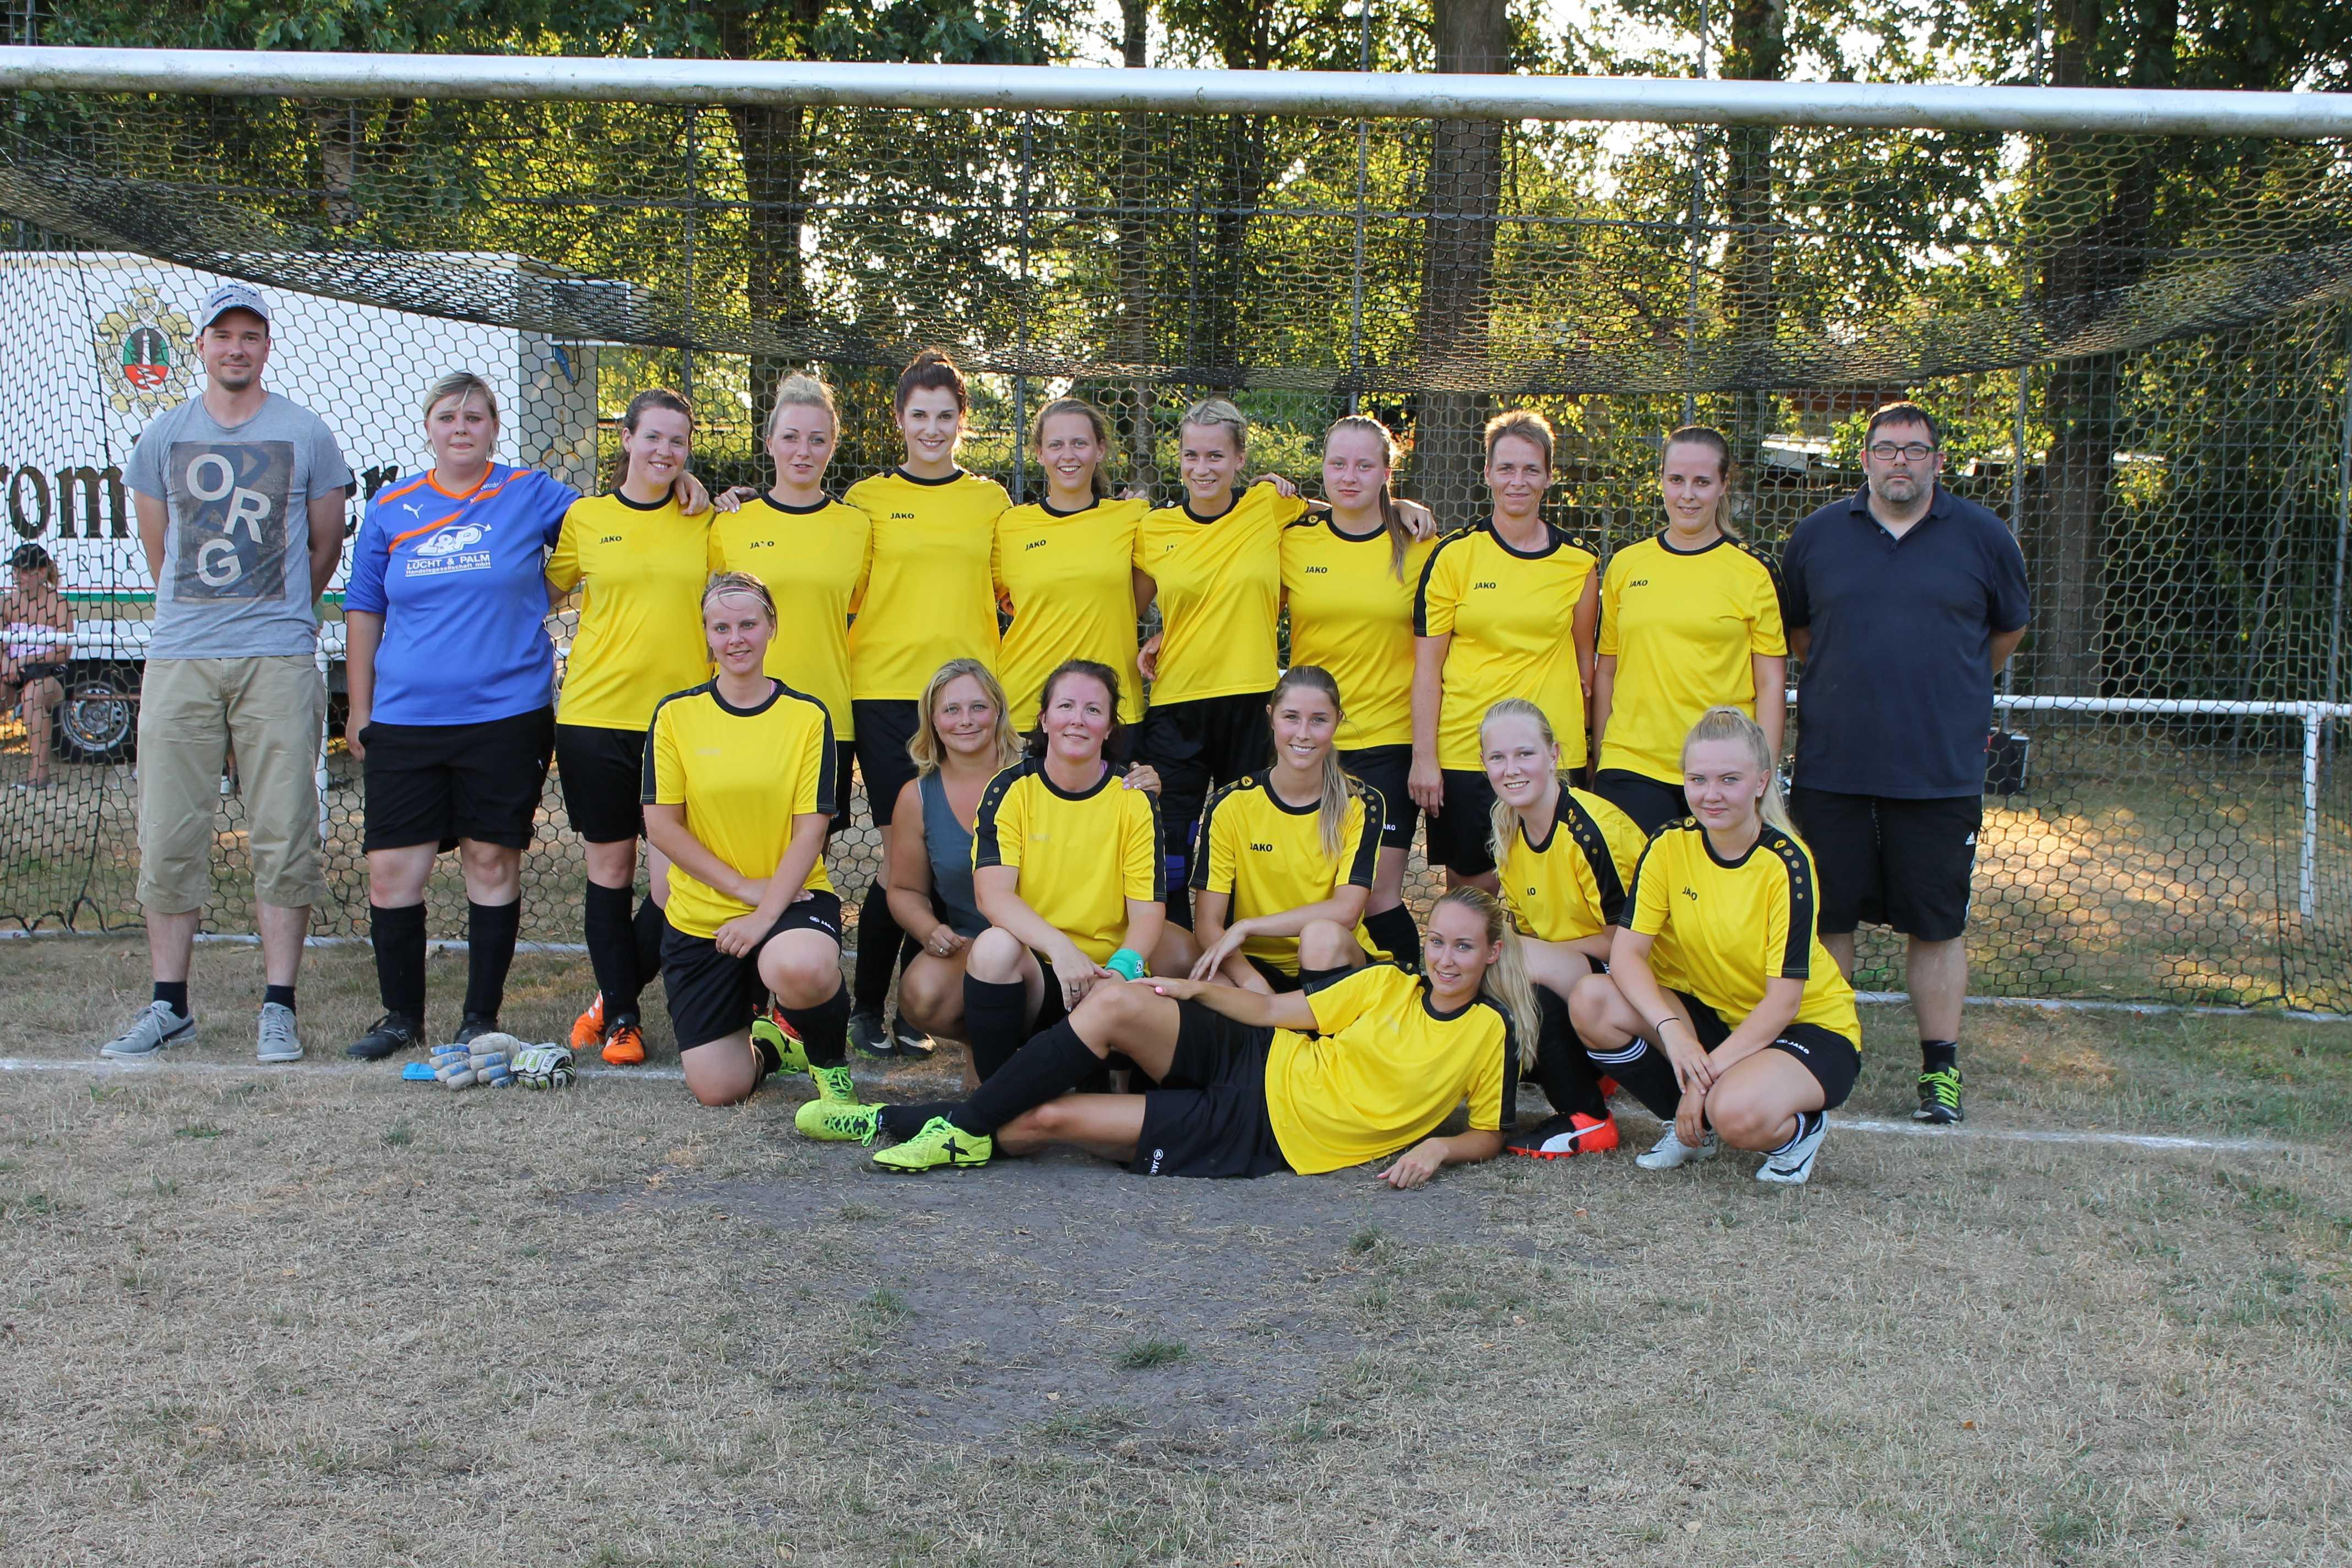 2018-07-26 Sportwoche - Cocktailabend & Damenturnier (4)